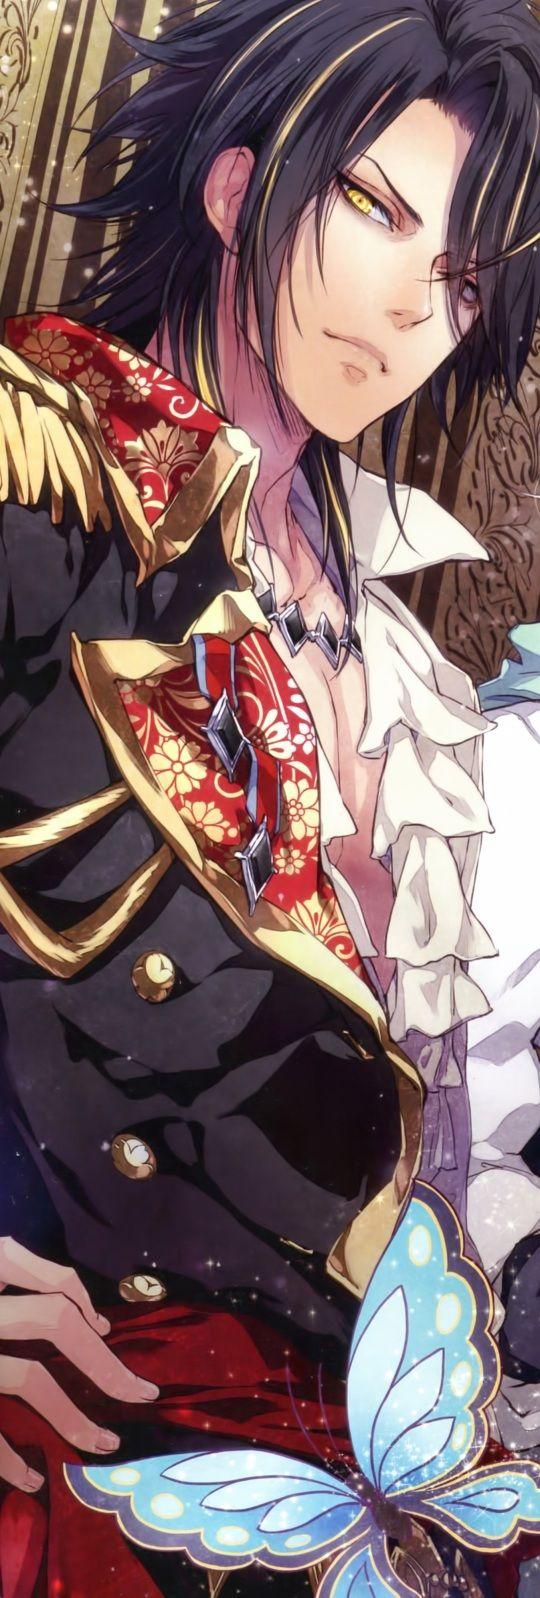 Anime prince: